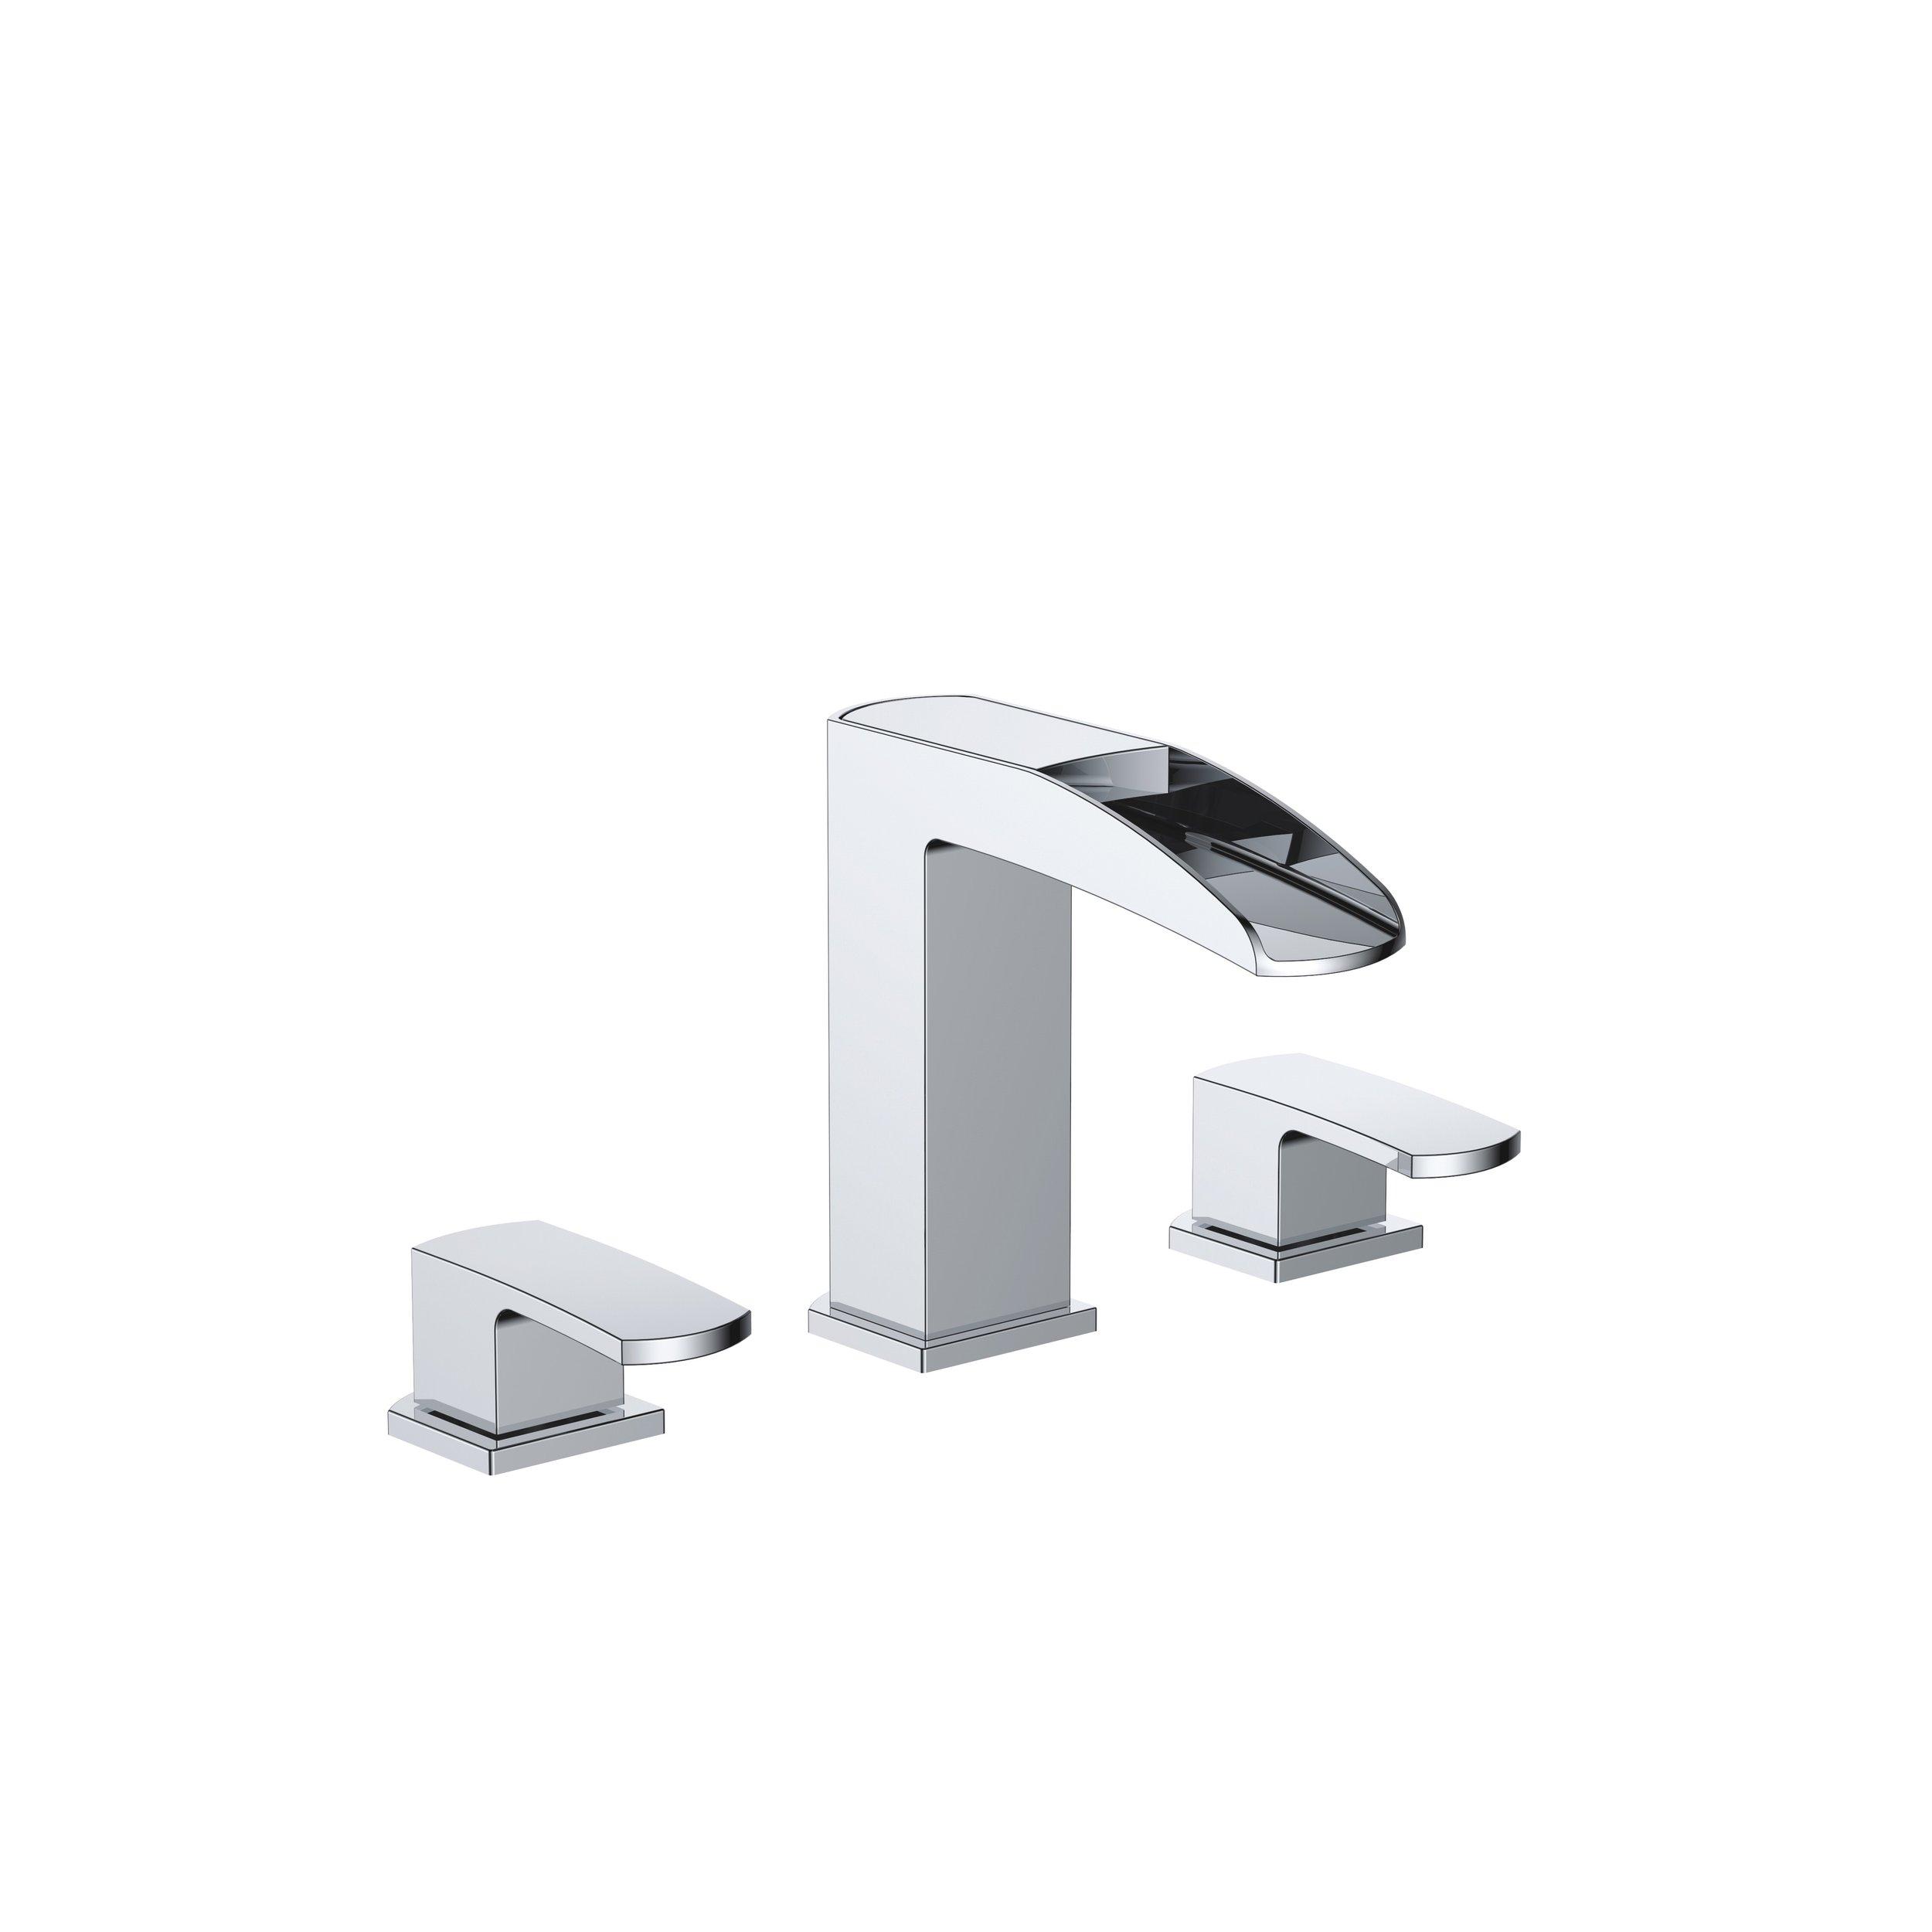 735-107: Widespread faucet